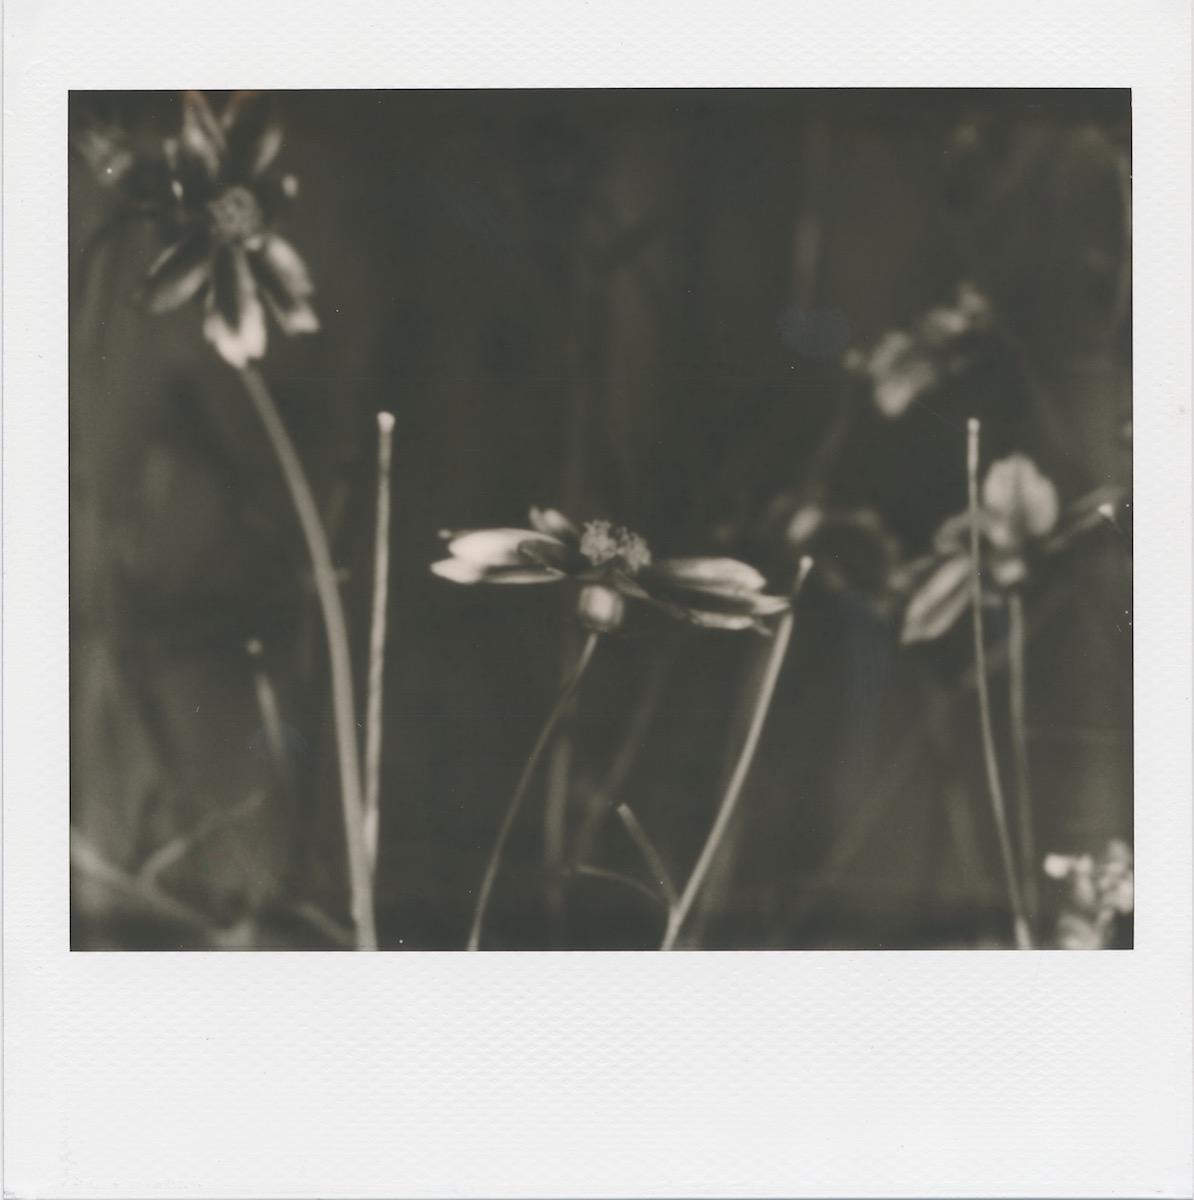 bwflowers.jpg